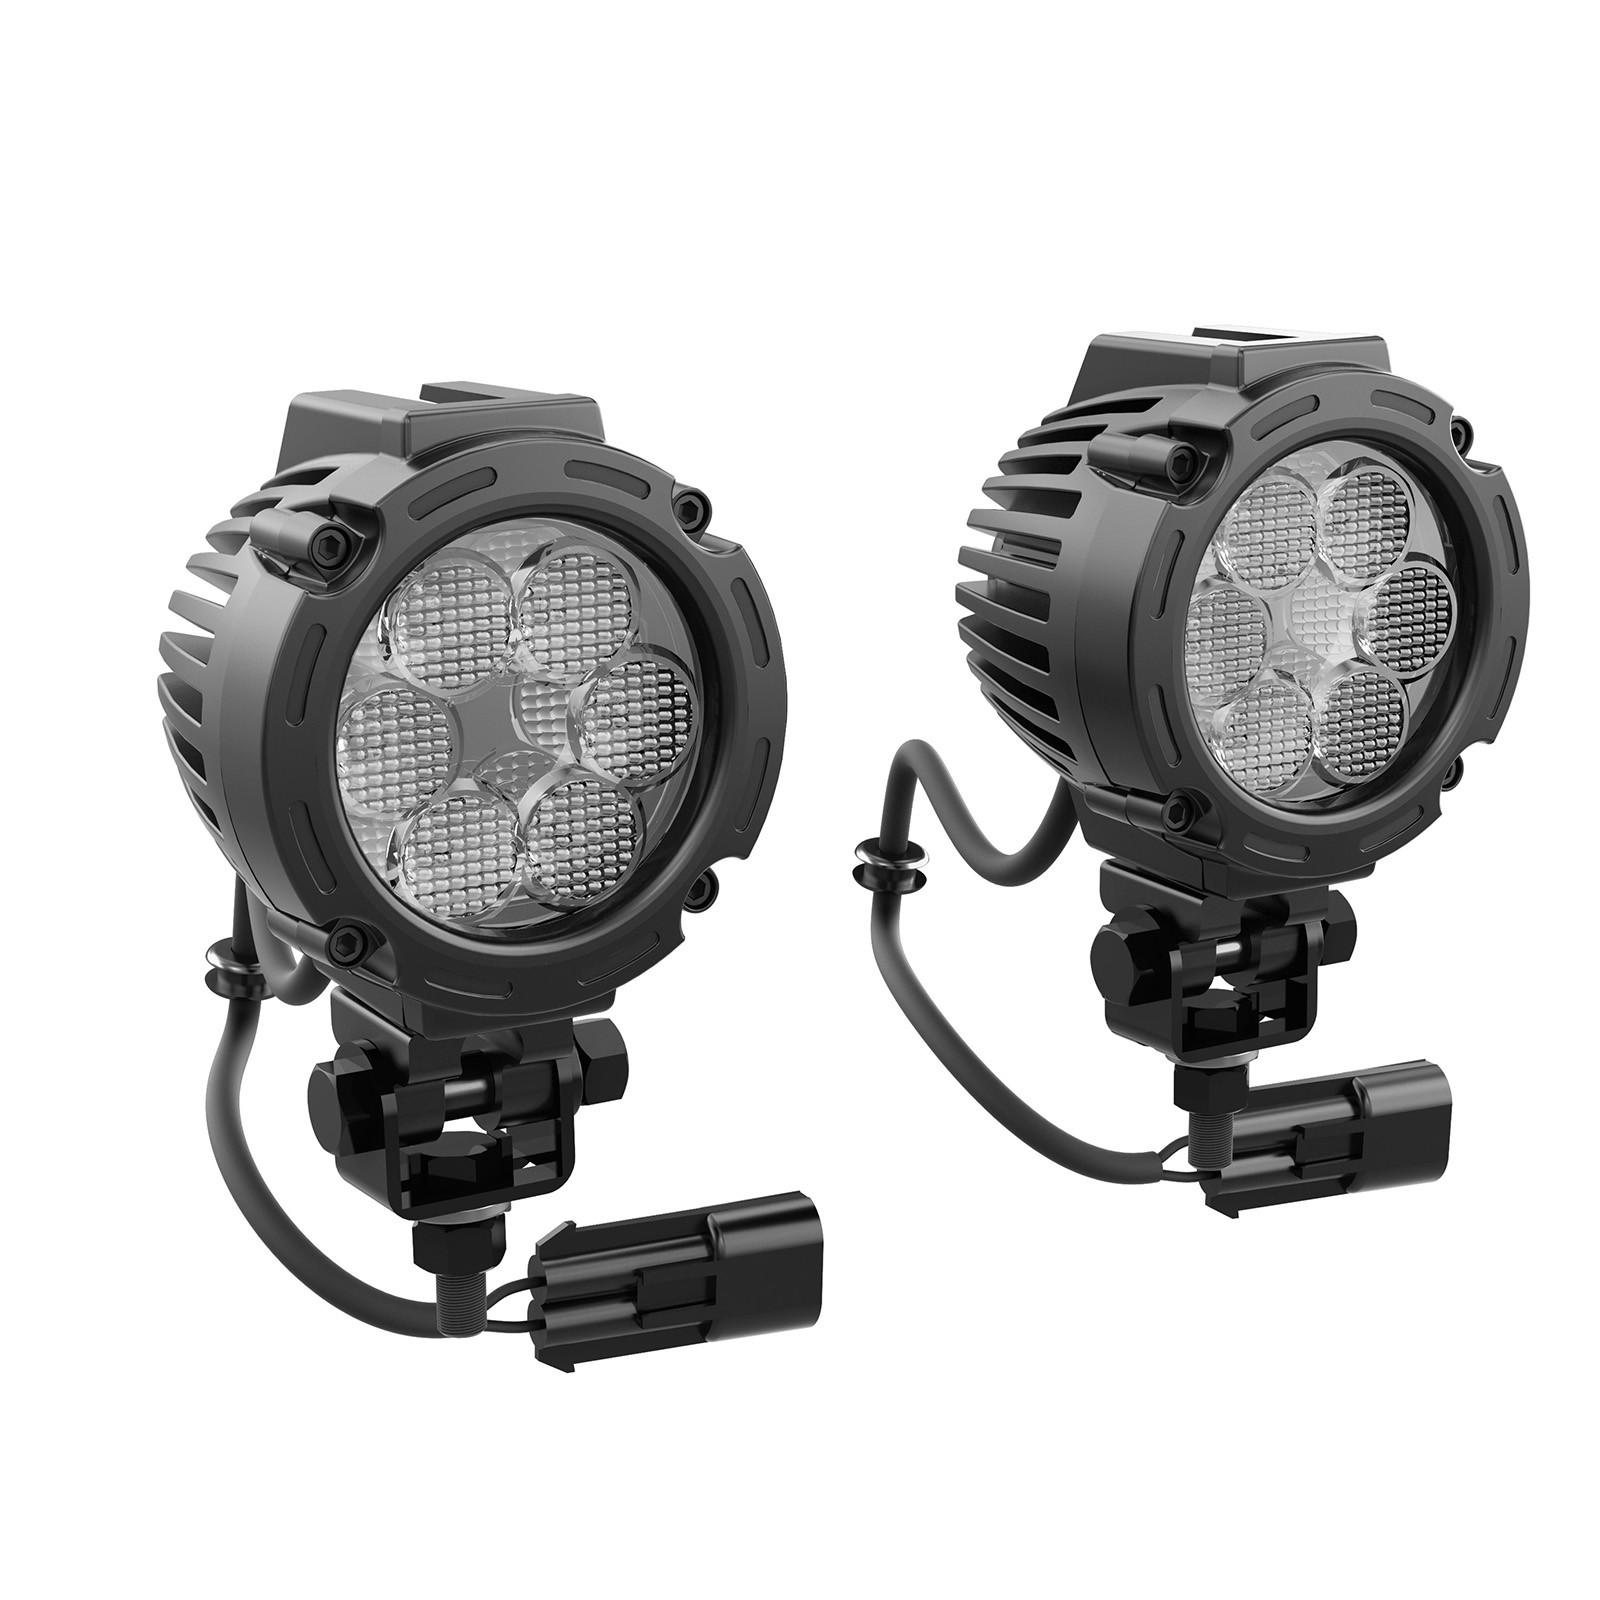 3.5 (9 CM) LED DRIVING LIGHTS (2 X 14W)